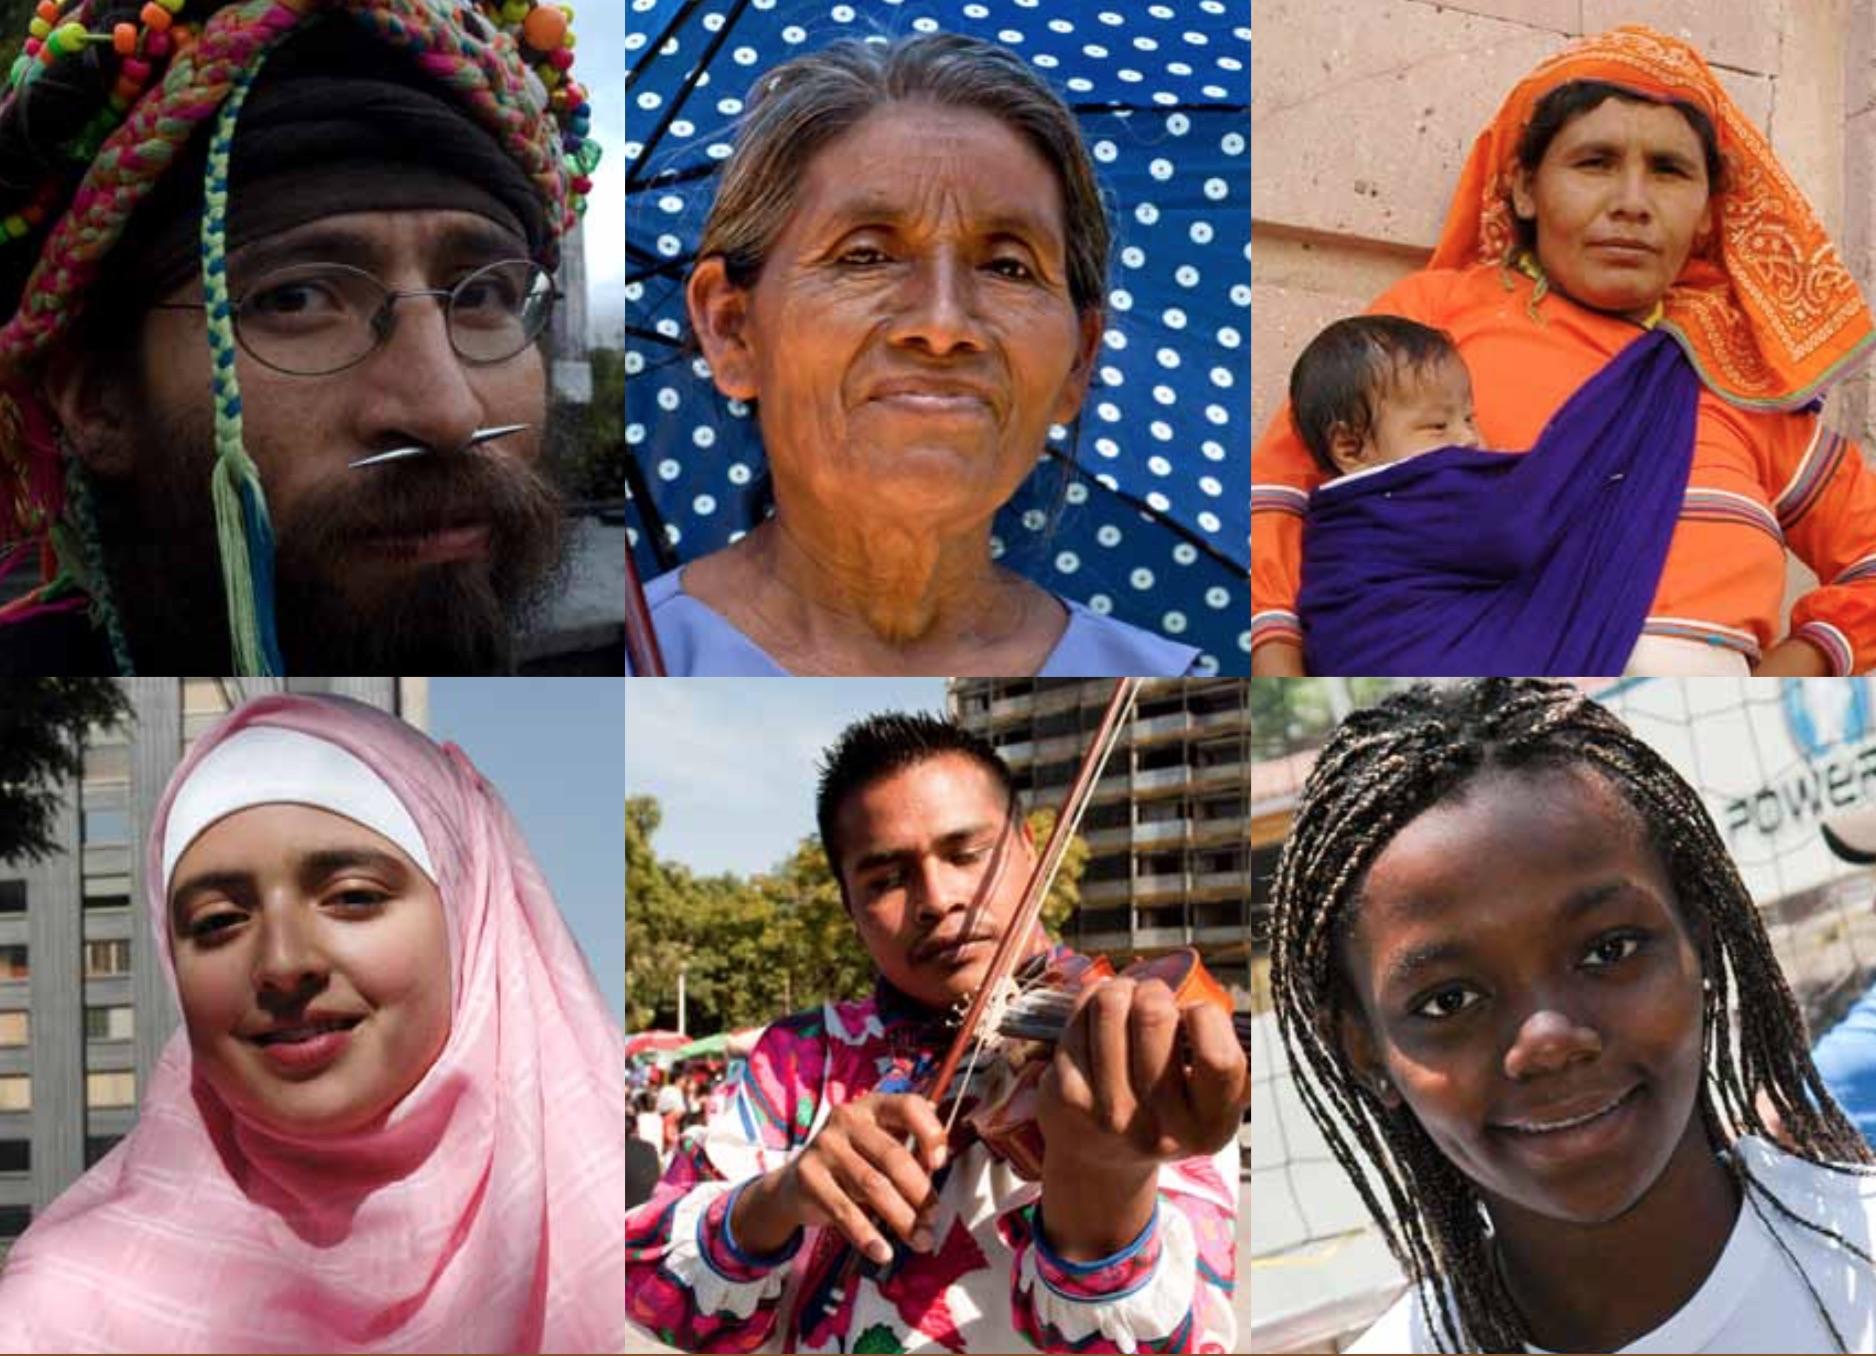 Collage con rostros de diferentes personas.